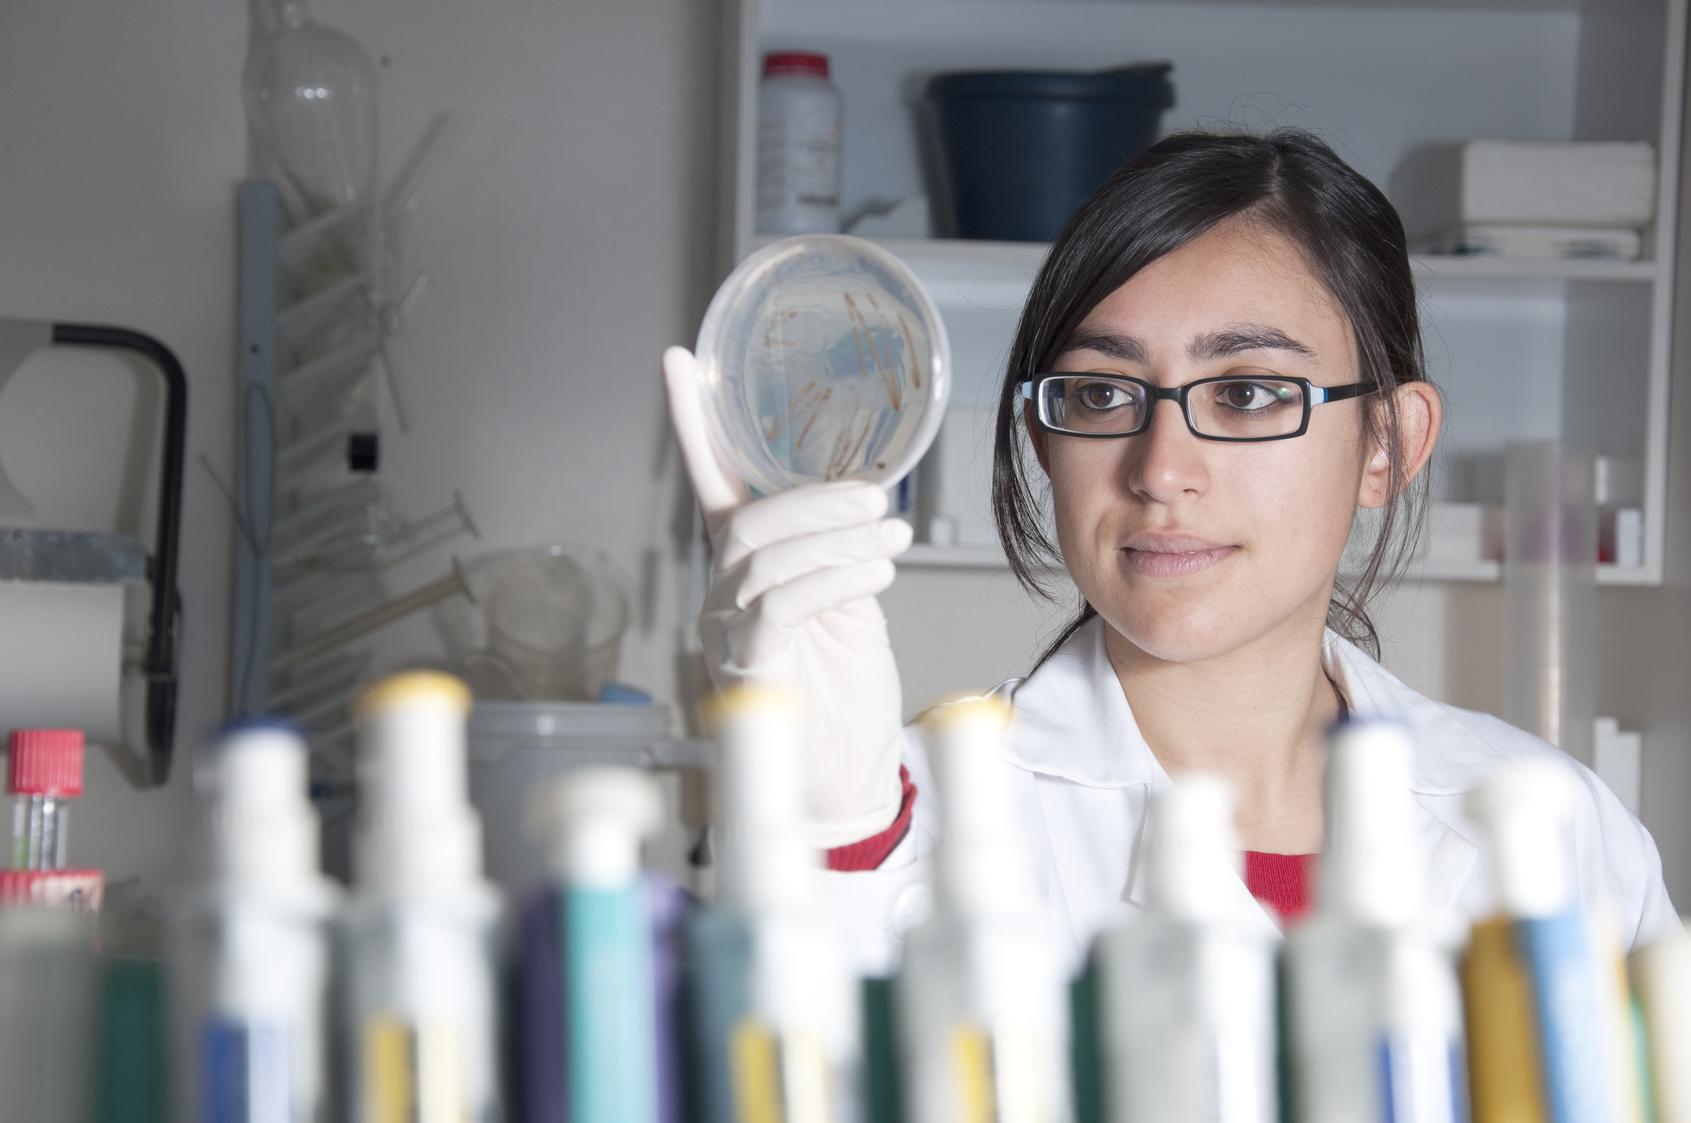 Mujer cientfico mirando muestra